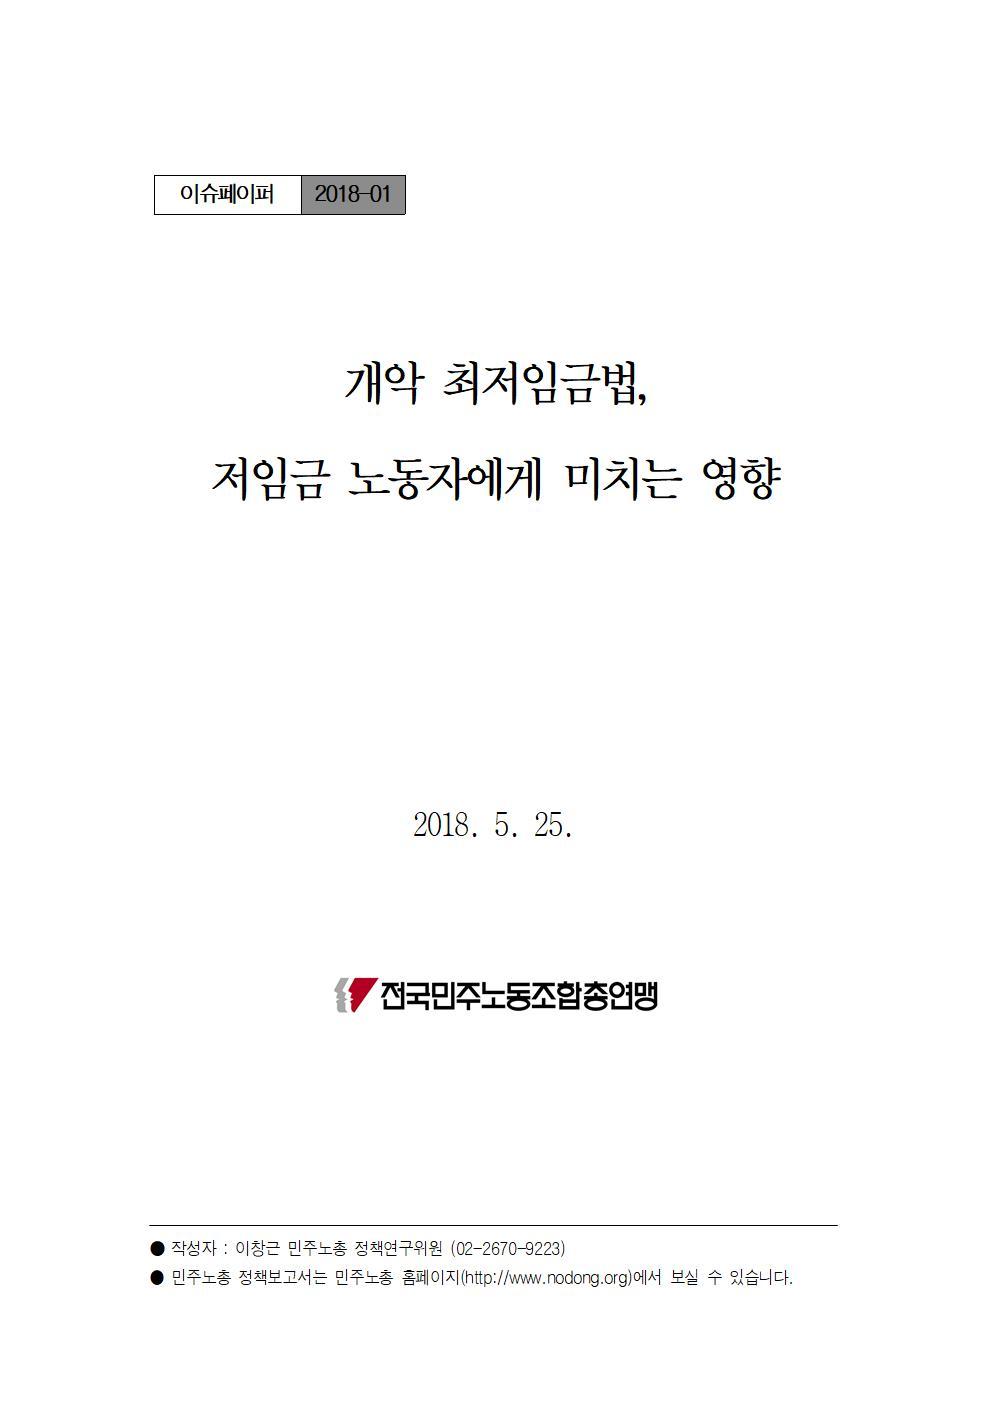 수정_180528_최임법개악_삭감효과_진짜최종_이창근(표지)001.jpg